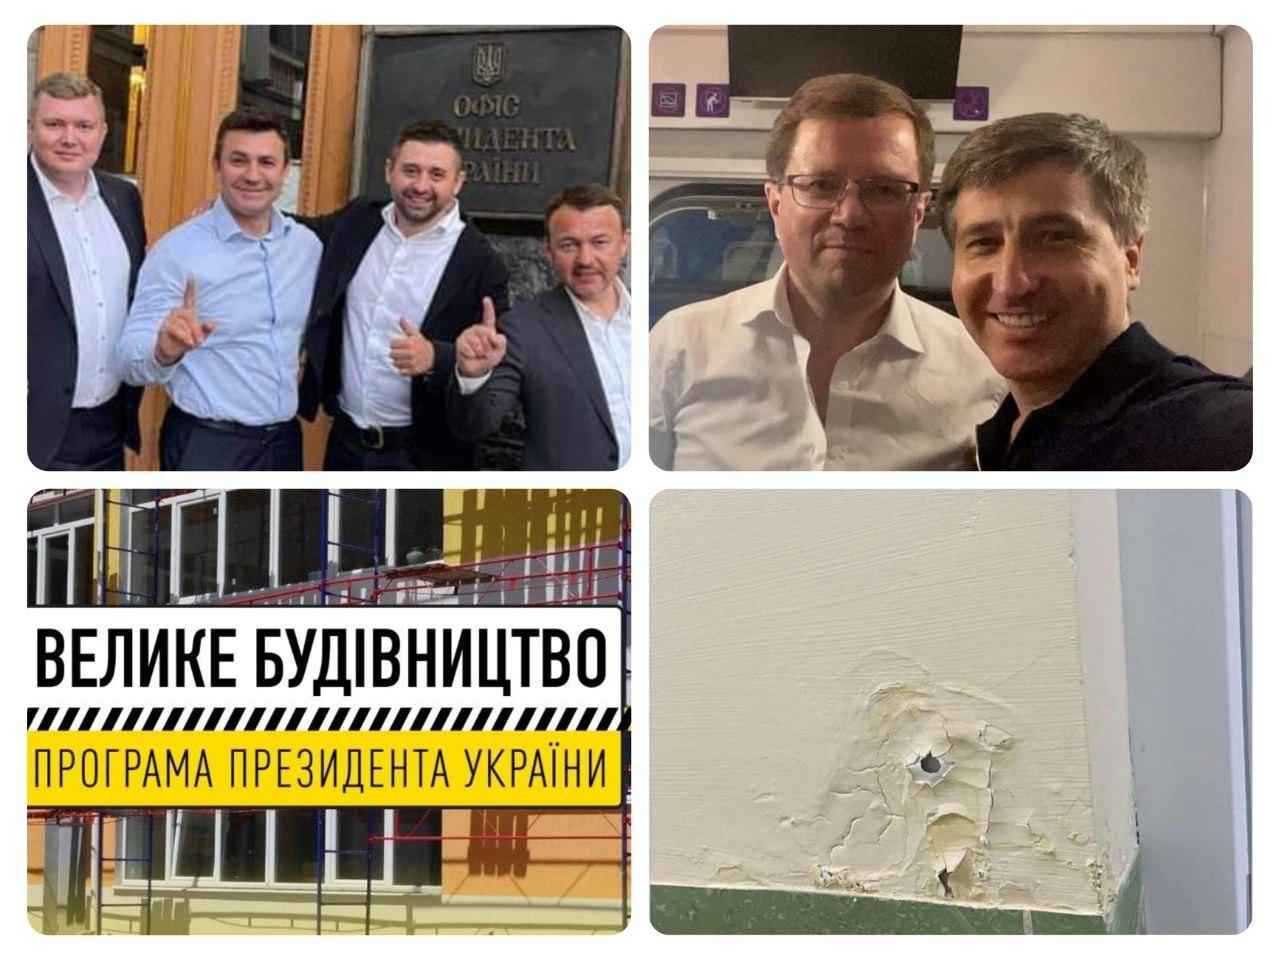 Сообщение Николая Тищенко снова заинтриговало закарпатцев возможной сменой главы ОГА. И еще острее зазвучал вопрос: кто настоящие